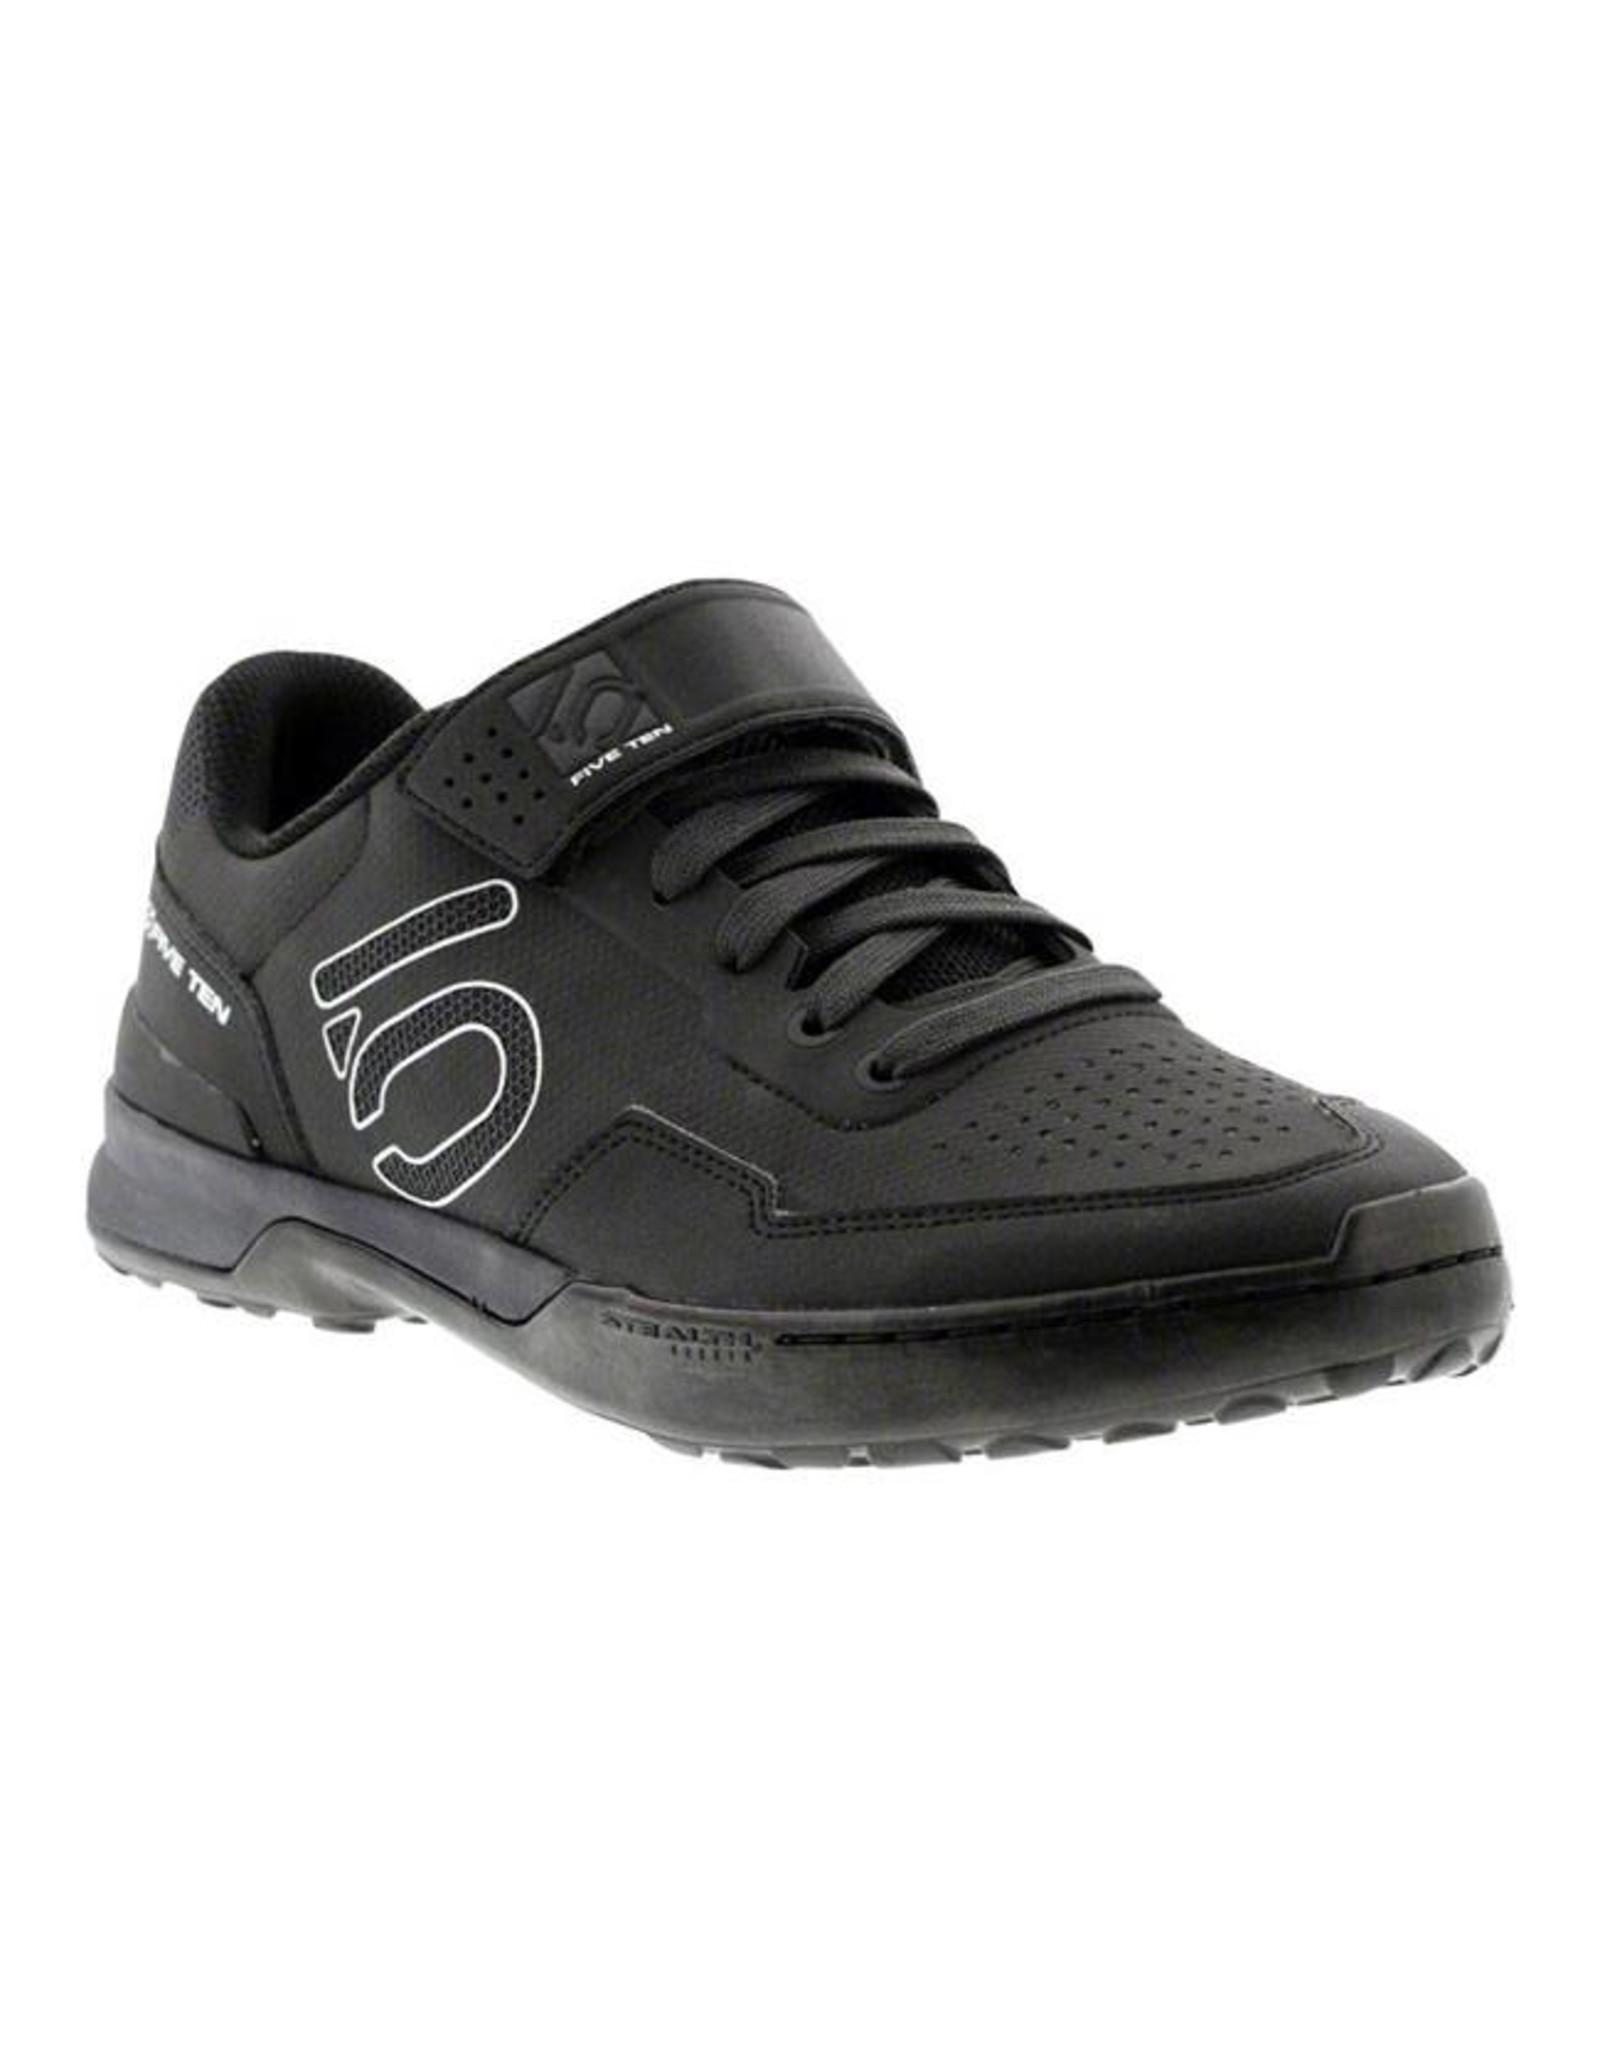 Five Ten Five Ten Kestrel Lace Men's Clipless Shoe: Black Carbon 9